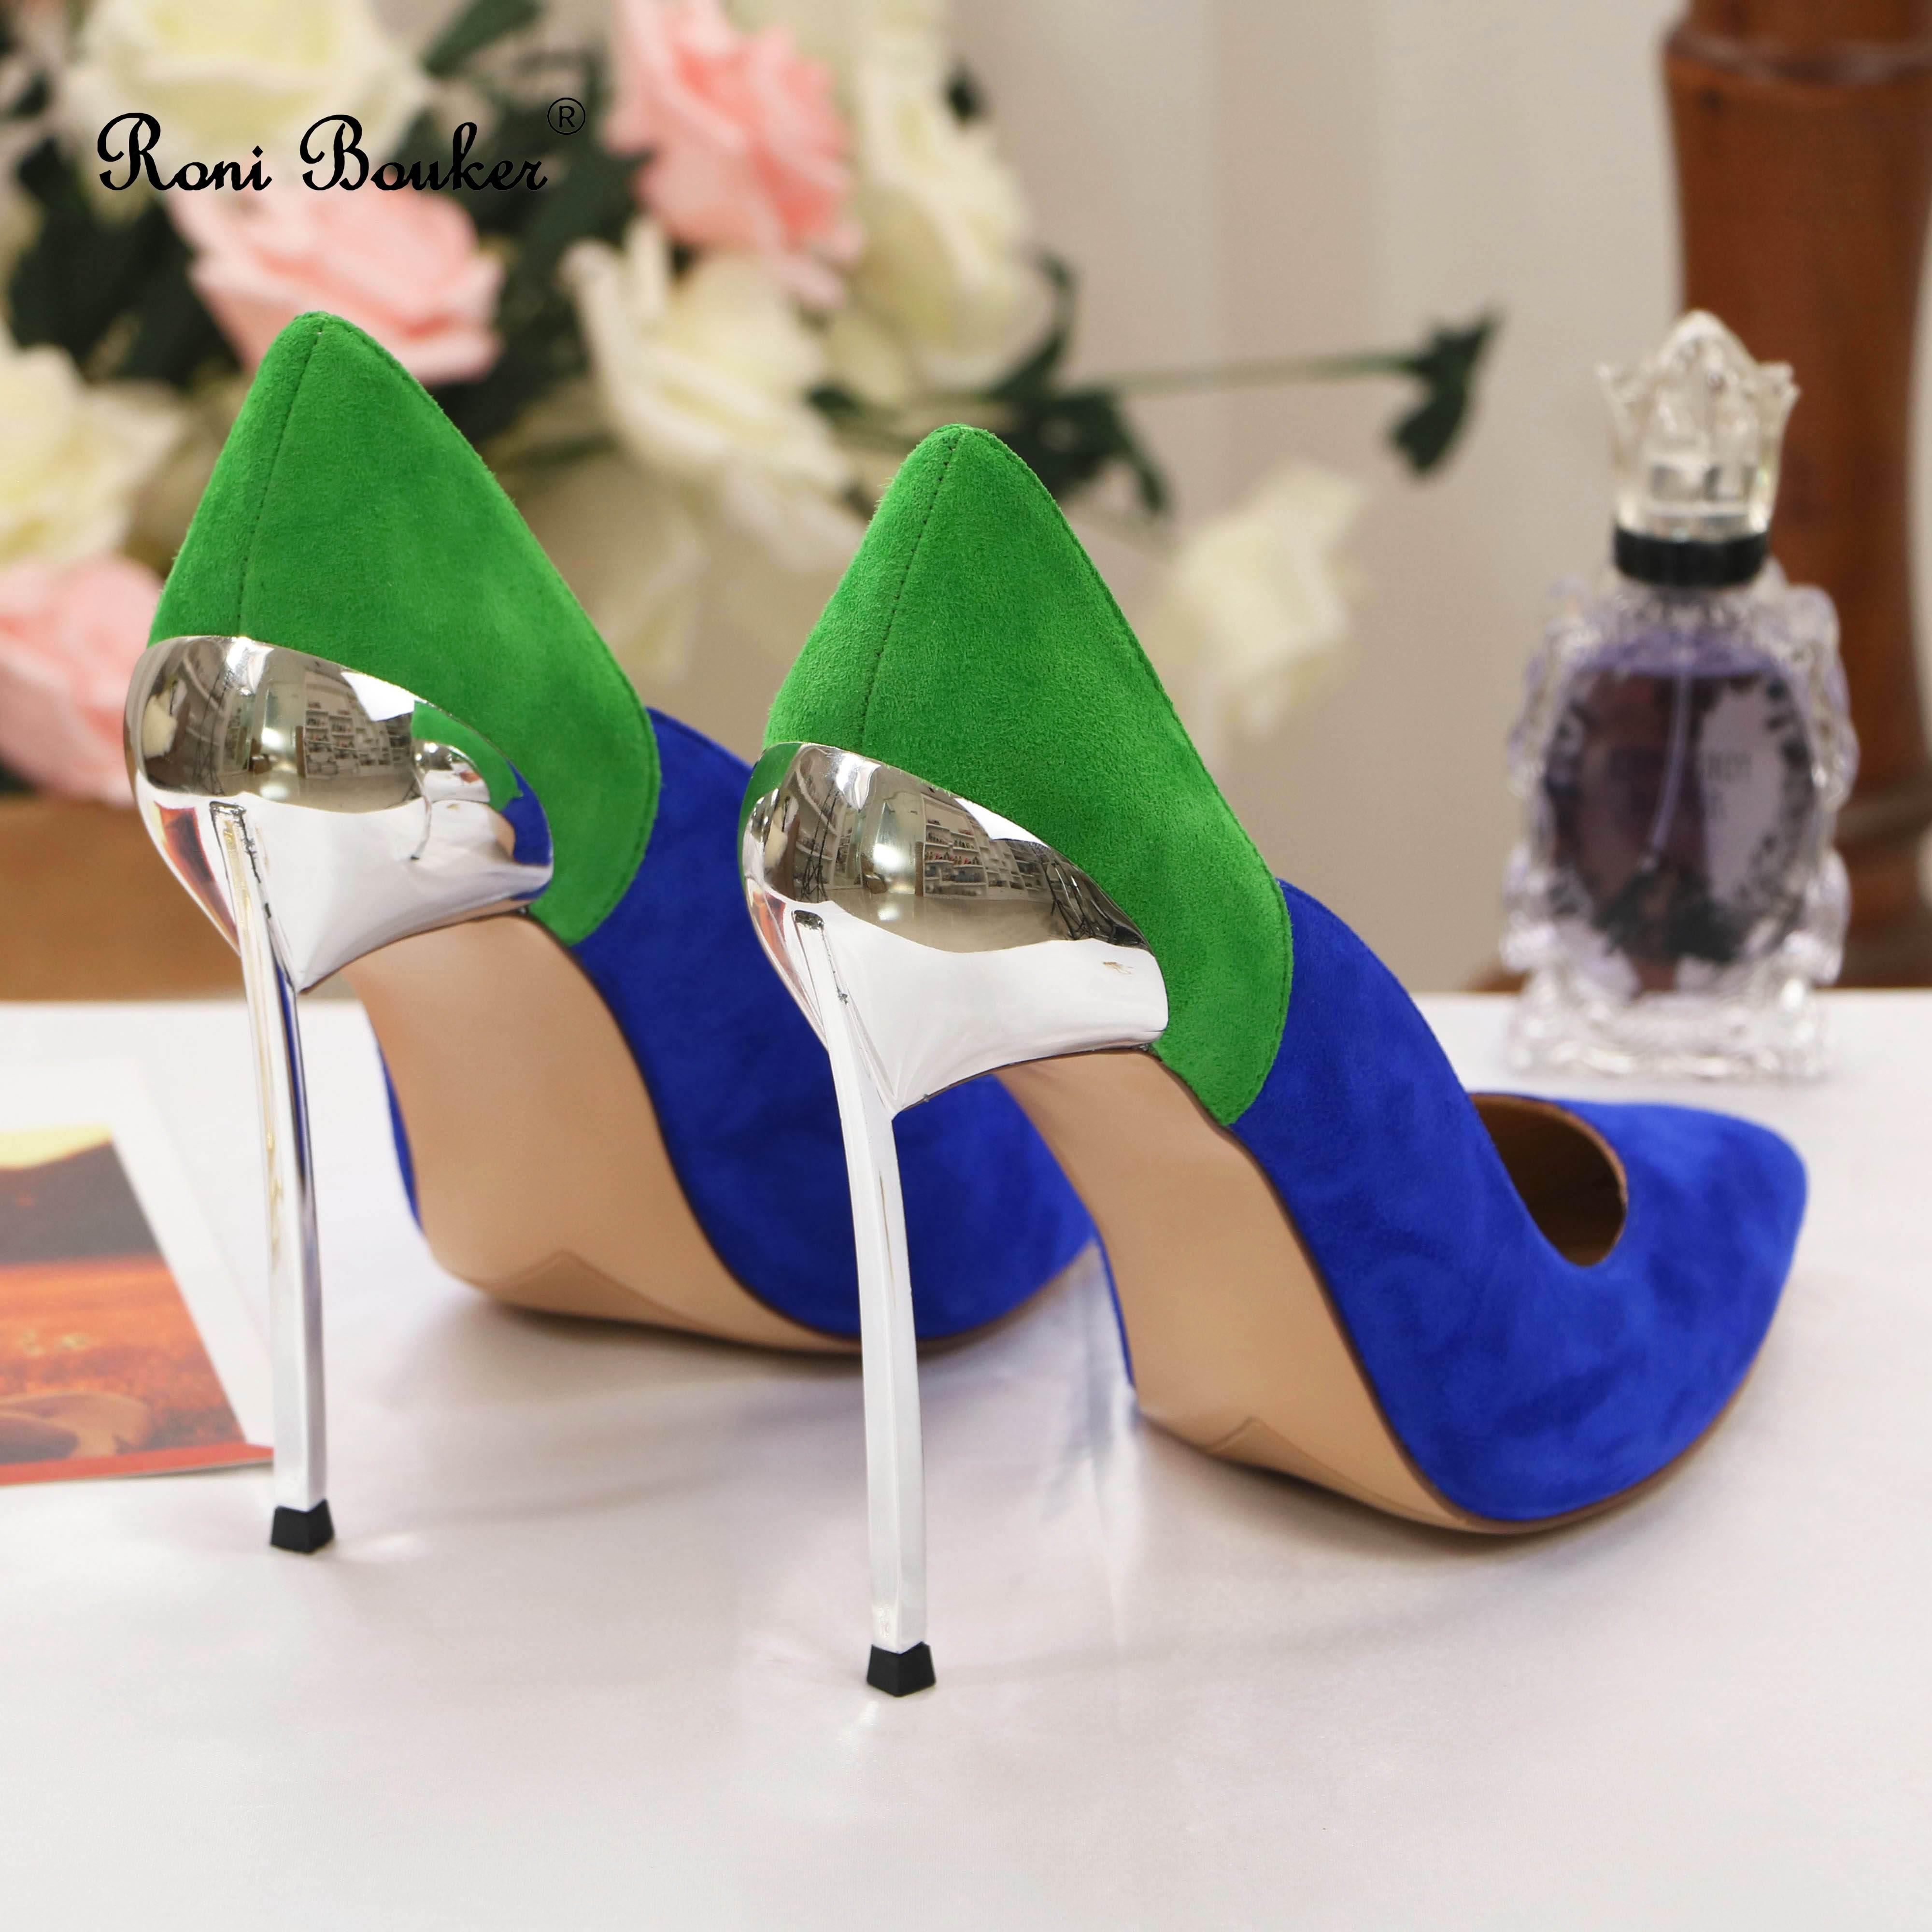 Ayakk.'ten Kadın Pompaları'de Roni Bouker Kadınlar Pembe Mavi Topuklu Doğal Süet Deri Pompaları Düğün Ayakkabı Kadın El Yapımı Yüksek Topuk Boyutu 42 Dropshipping'da  Grup 2